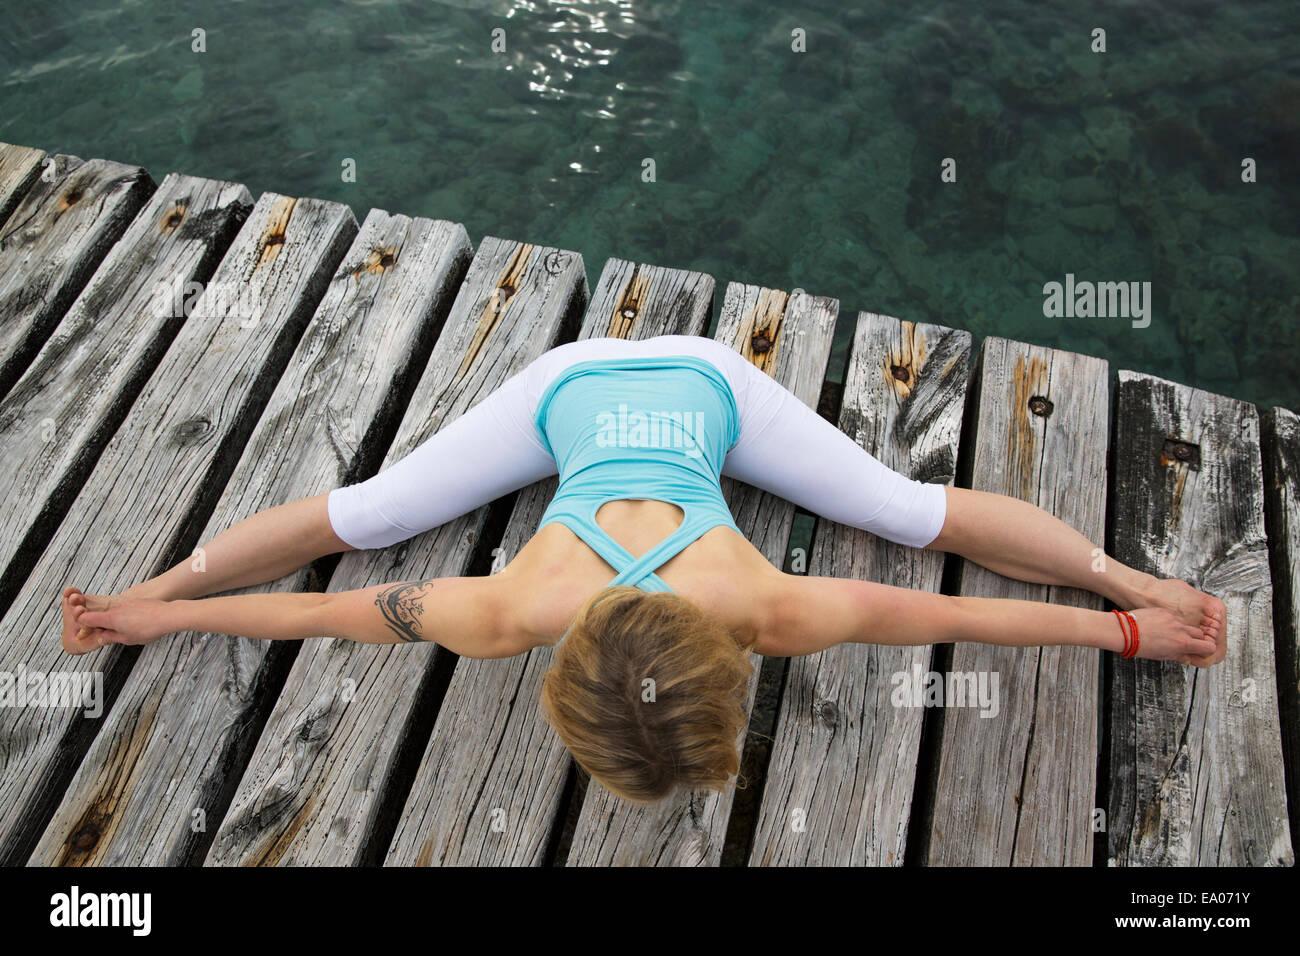 Vista aérea de mediados de mujer adulta con brazos y piernas extendidas practicando yoga en Mar del muelle Imagen De Stock